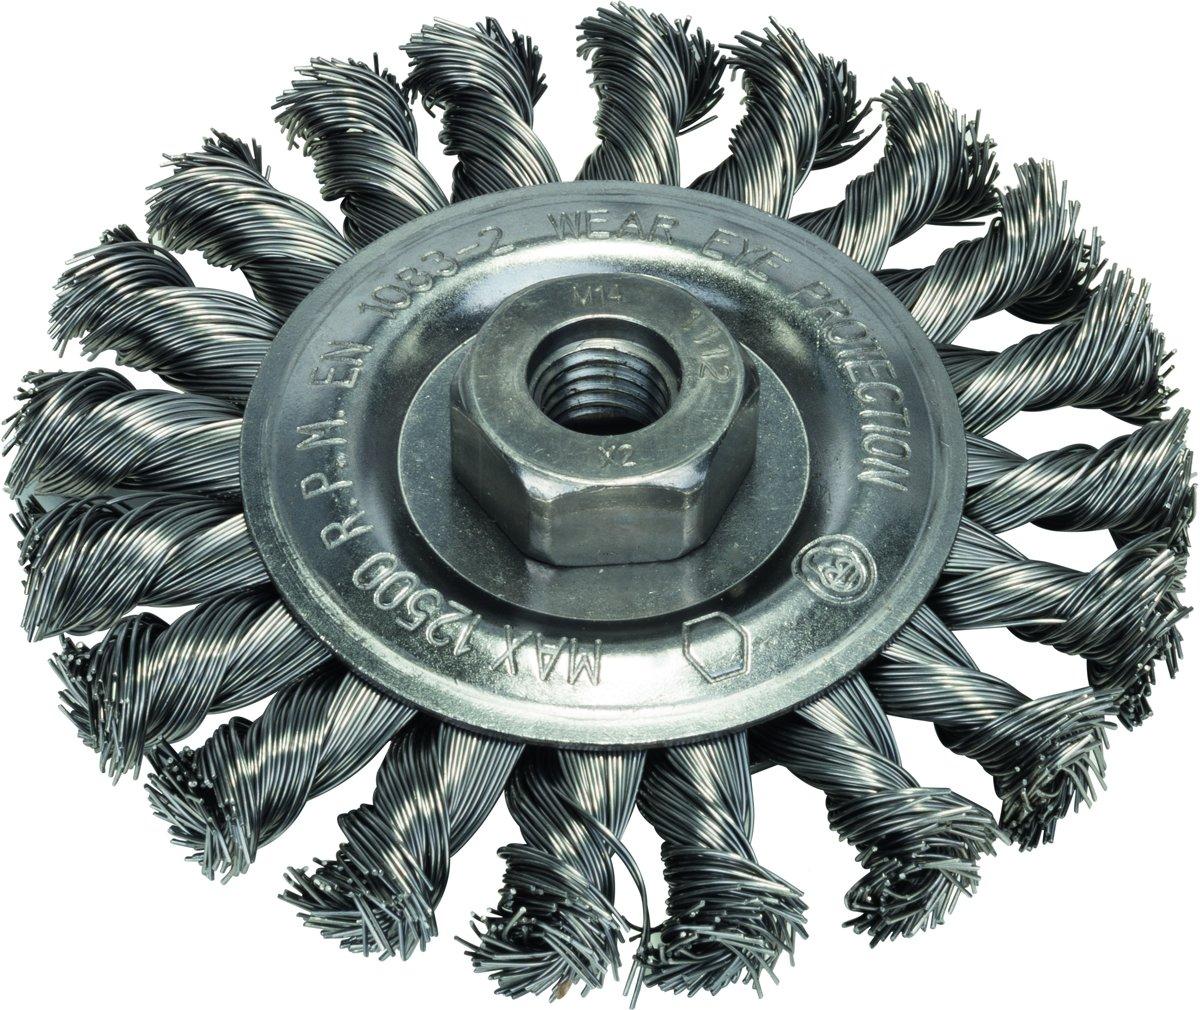 Bosch - Schijfborstel voor haakse en rechte slijpmachines - gevlochten draad, 115 mm 115 mm, 0,5 mm, 12500 o.p.m. kopen